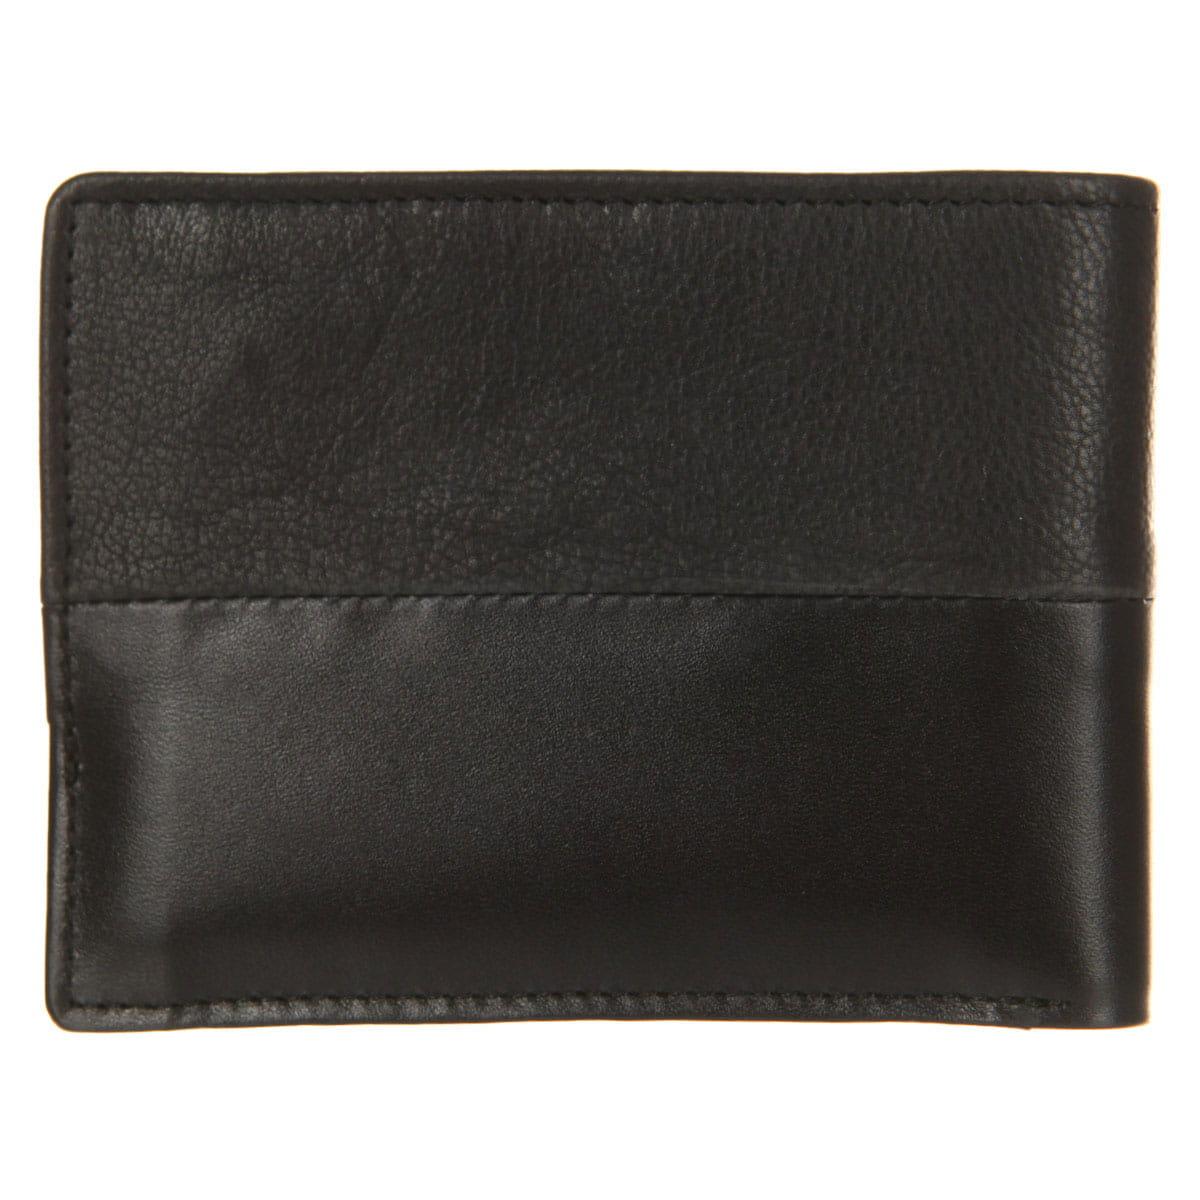 Мужской кошелек  Fifty50 Id Leather